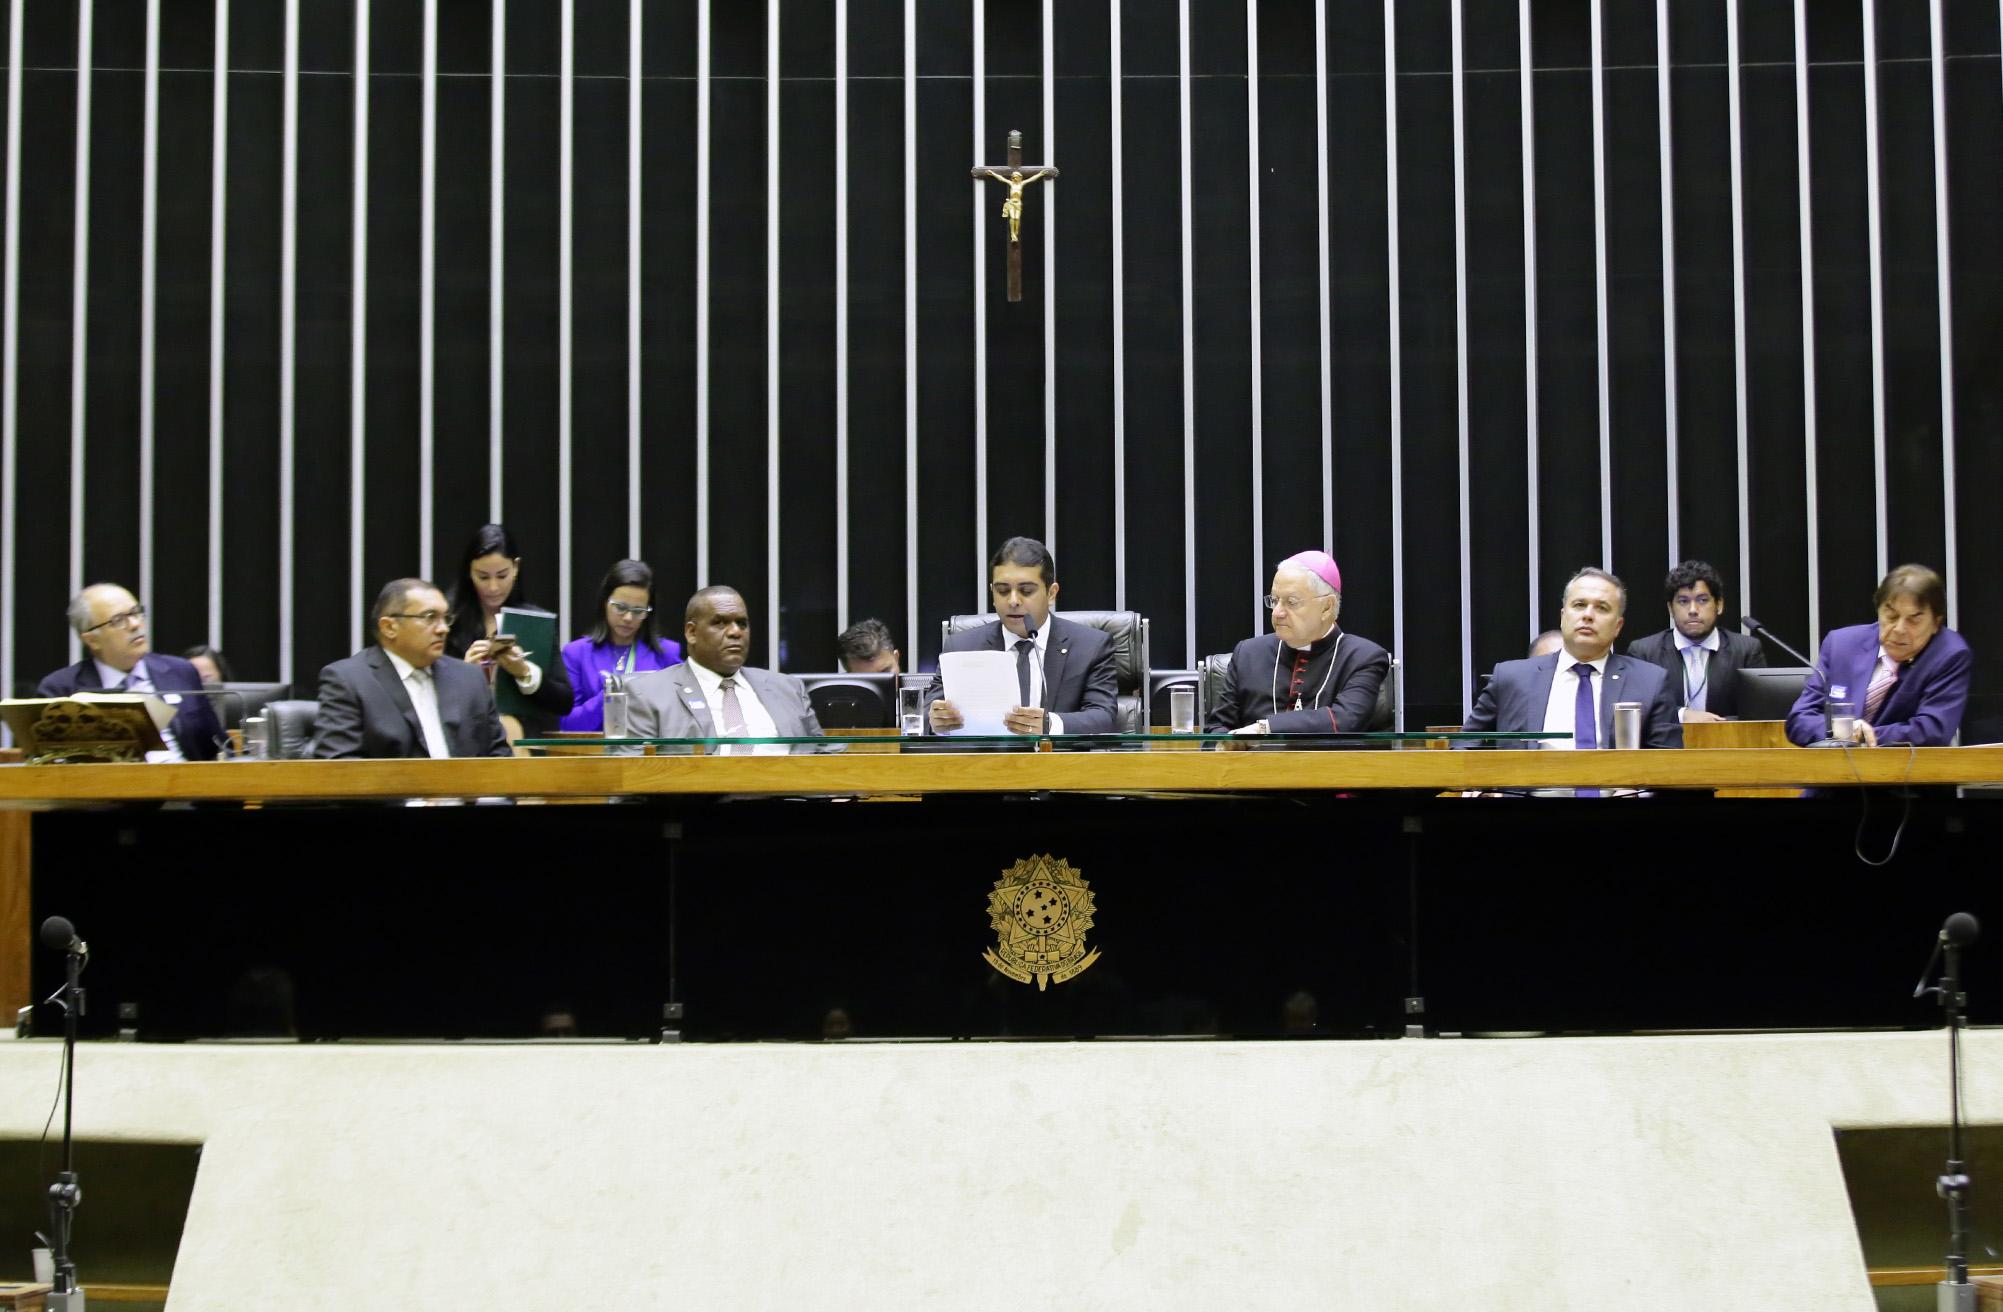 Homenagem ao Aniversário do Município de Garanhuns/PE